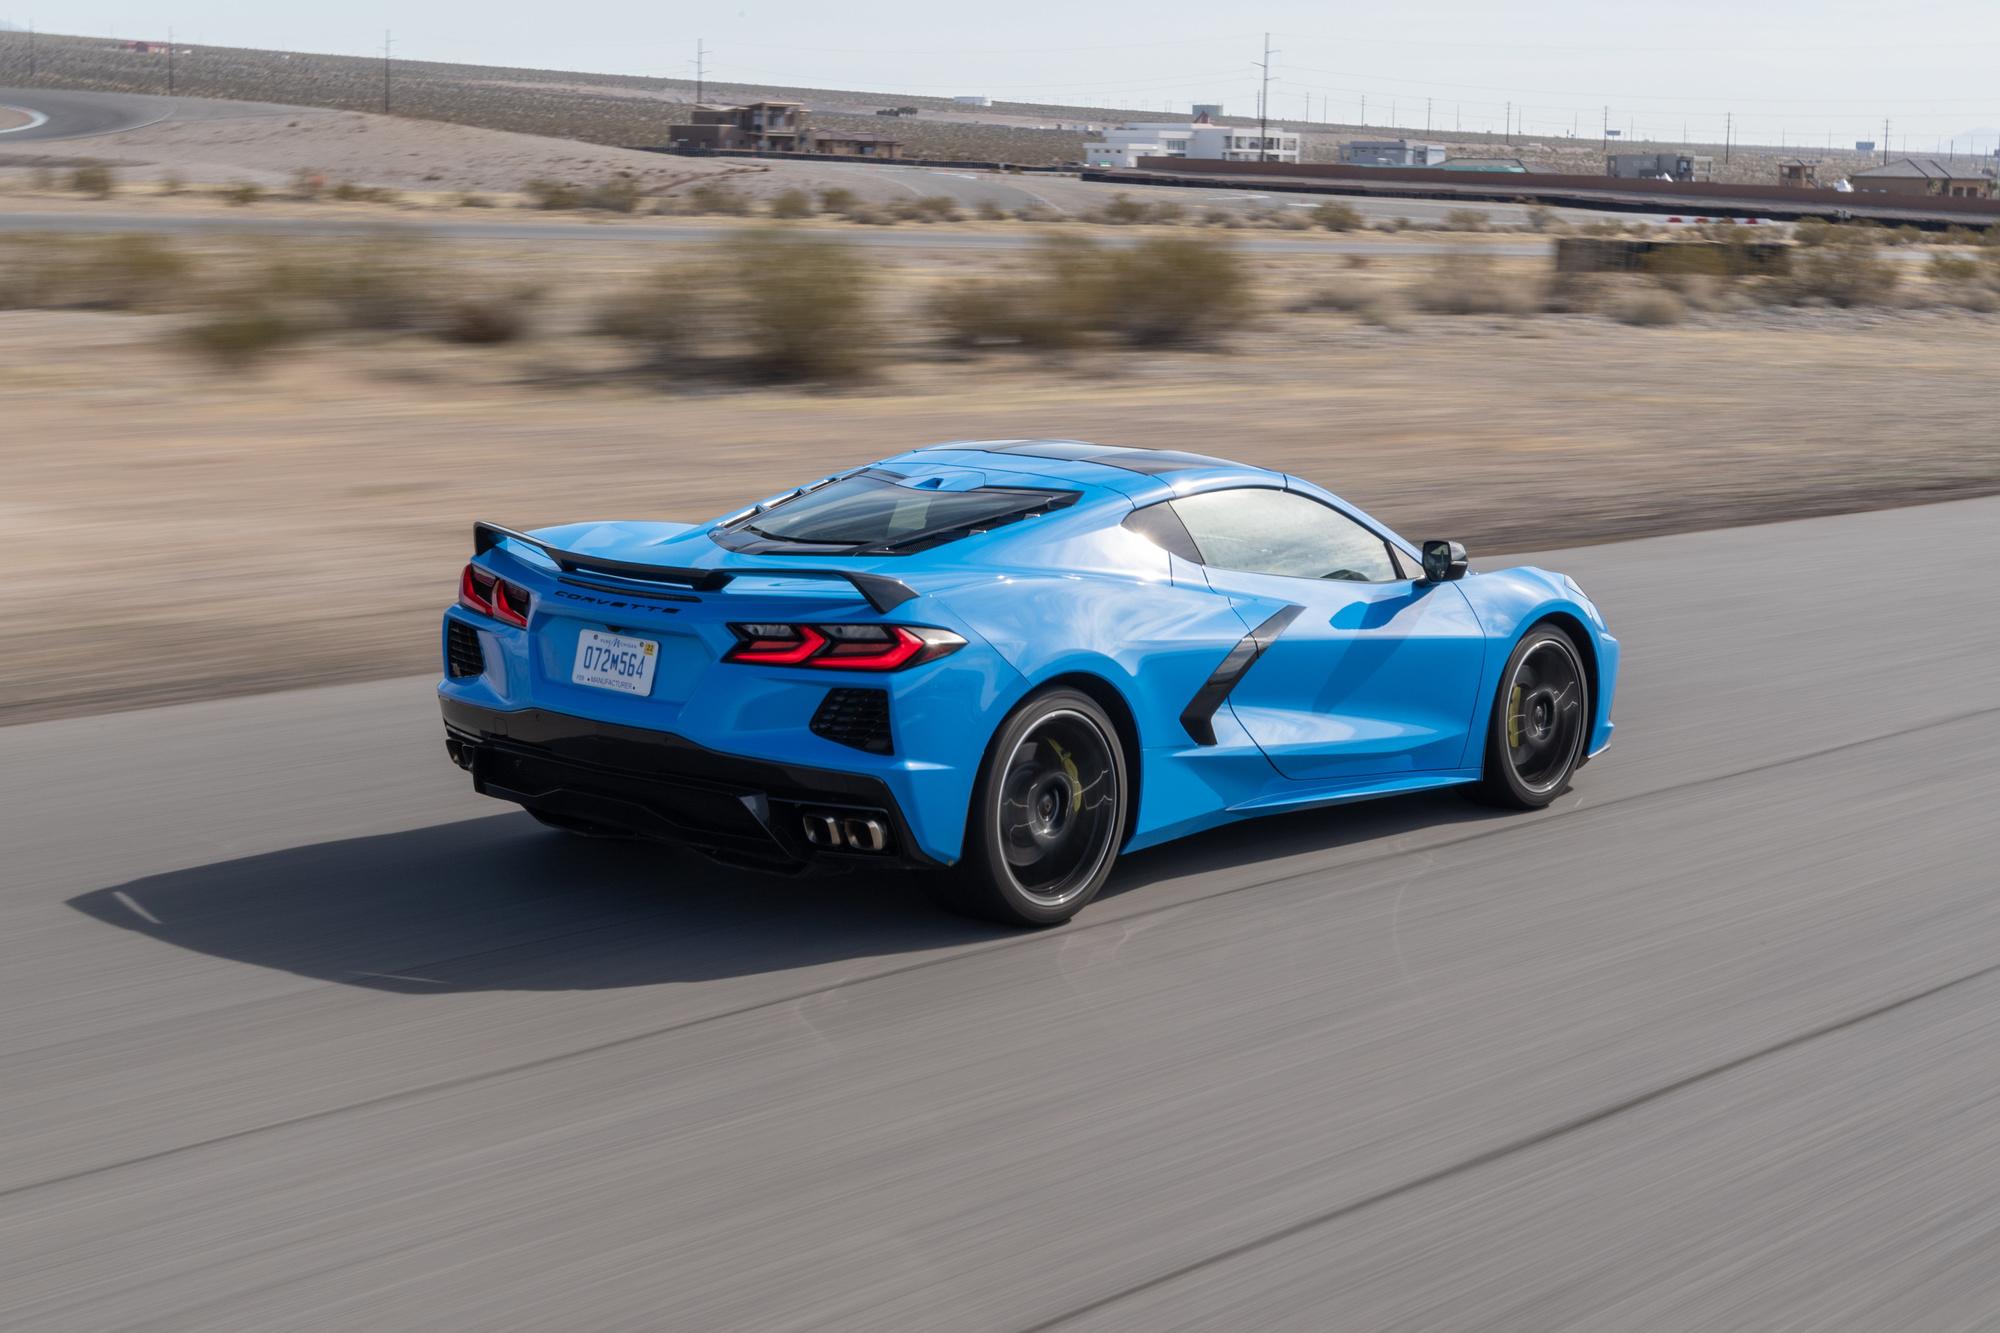 Capot moins long, poupe plus puissante, la Corvette adopte une allure proche de celle des bolides européens., GF